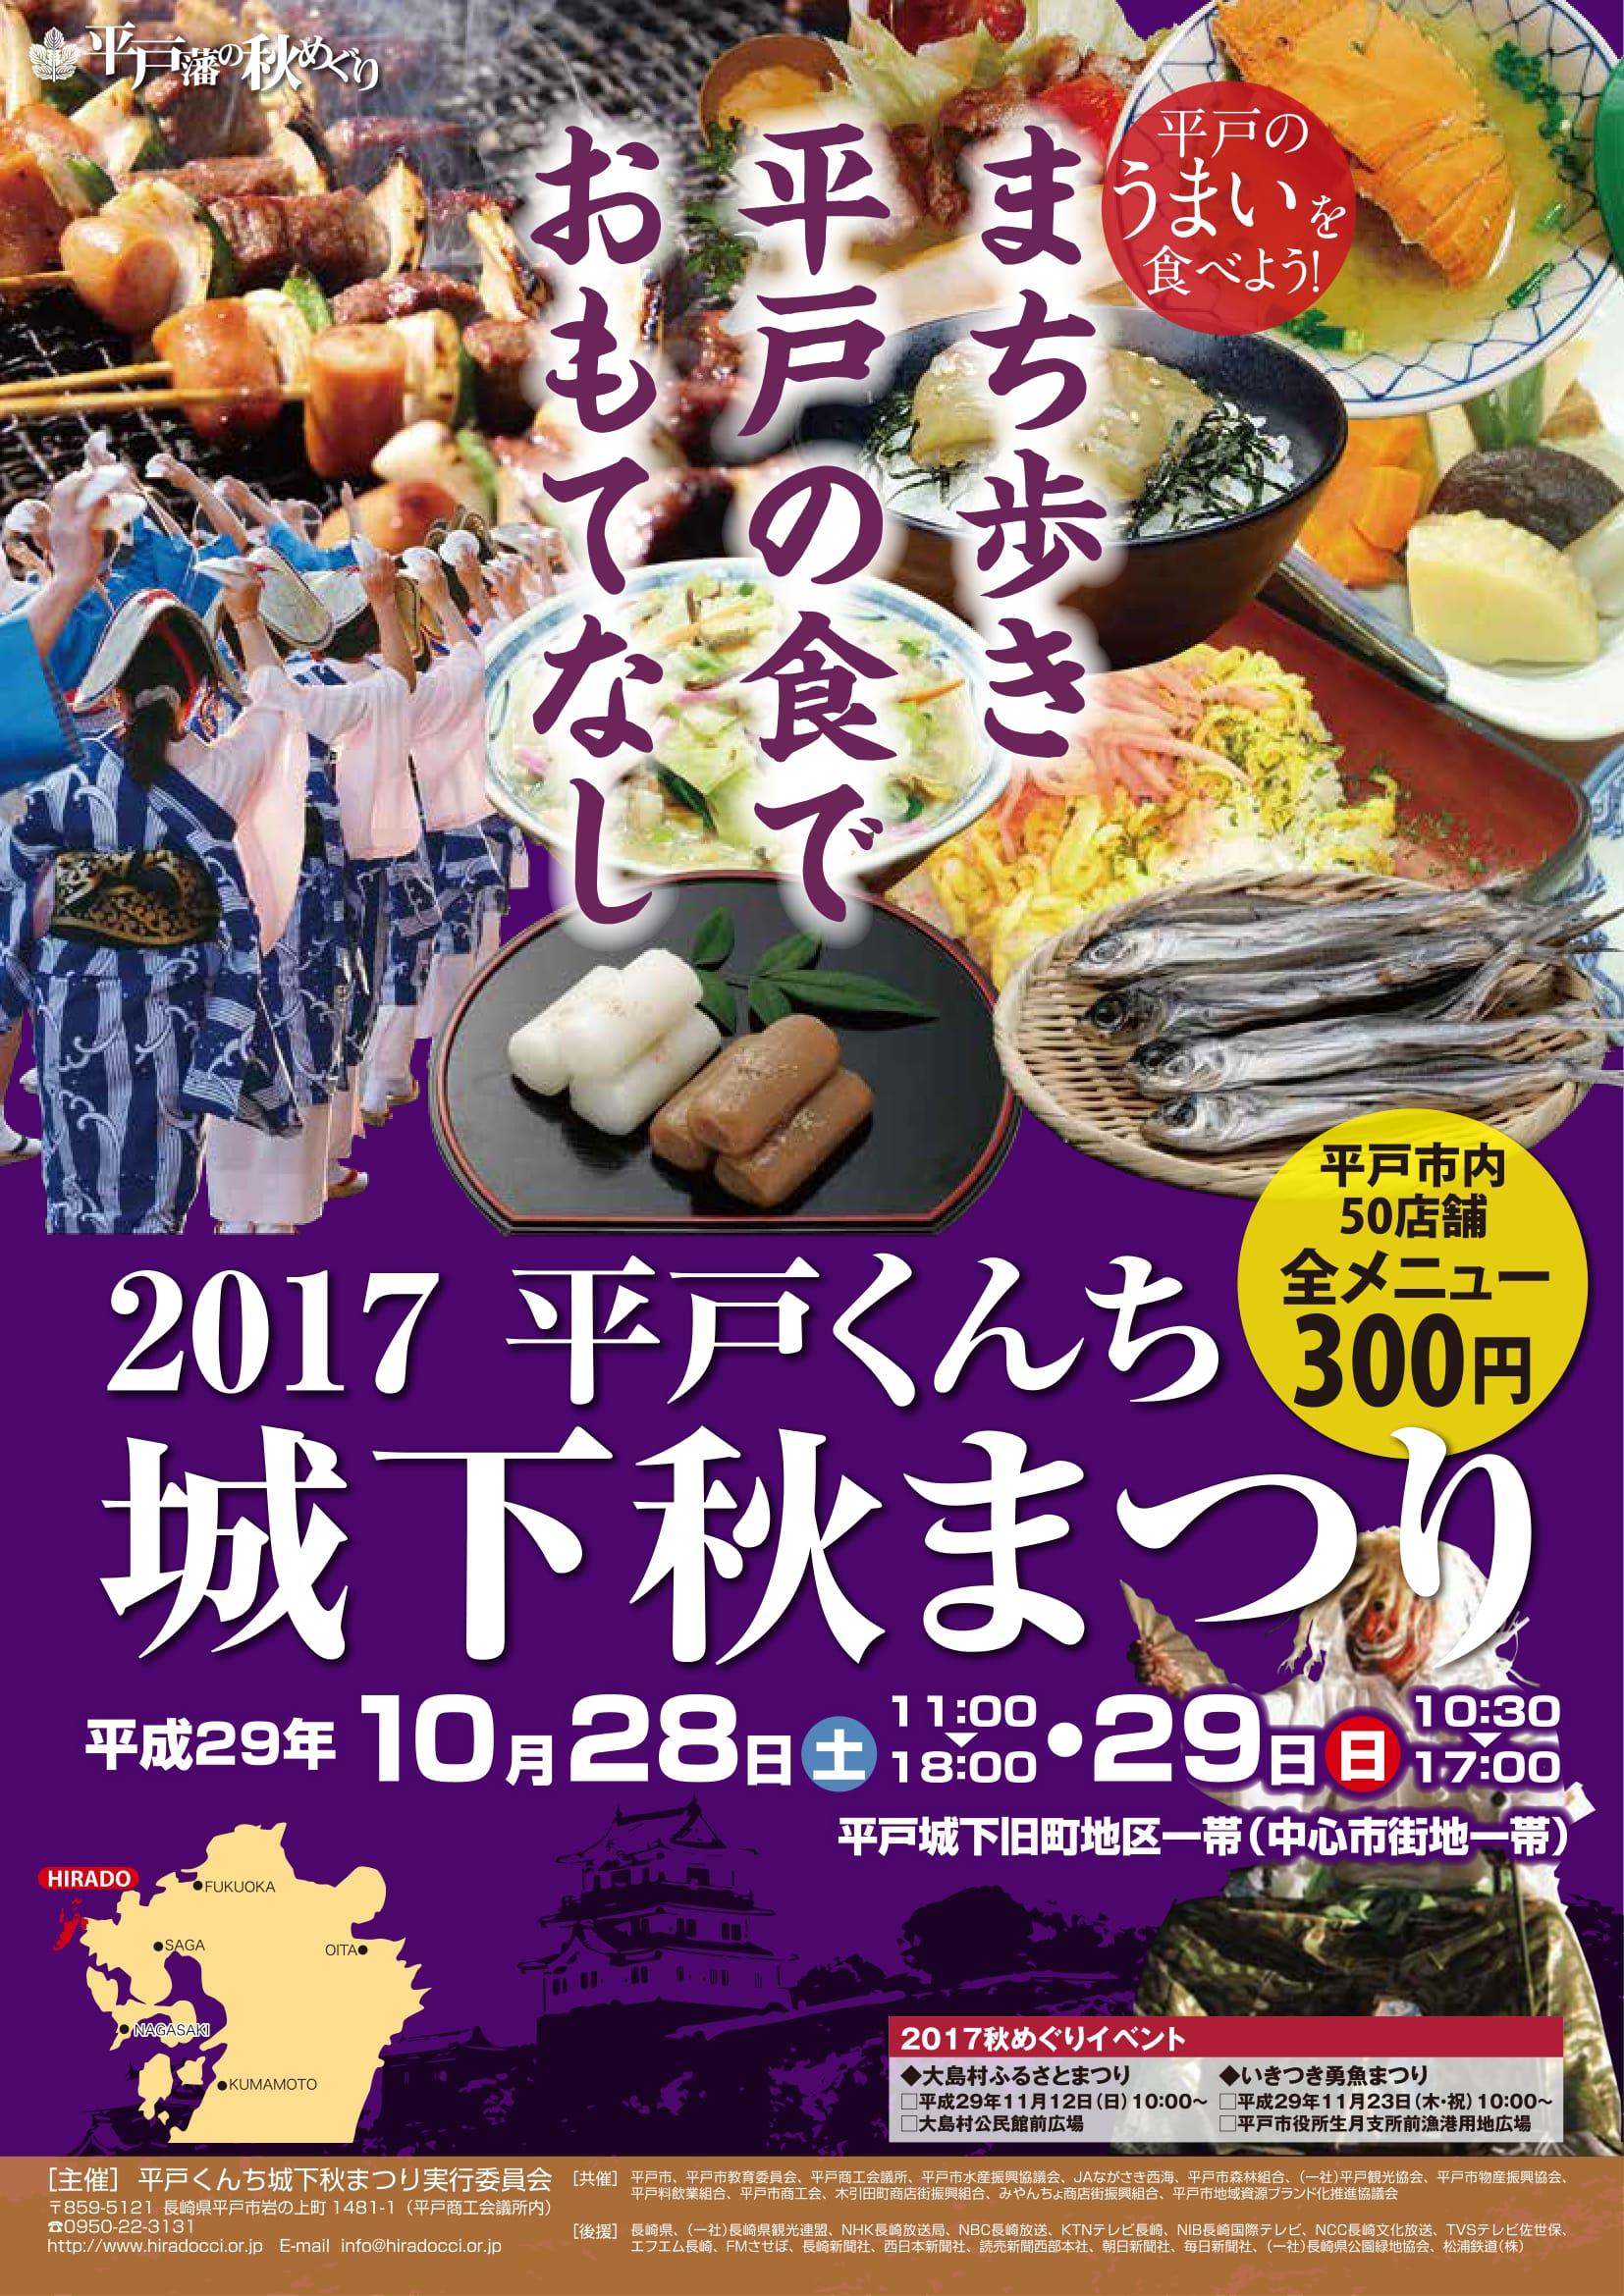 2017平戸くんち城下秋まつり